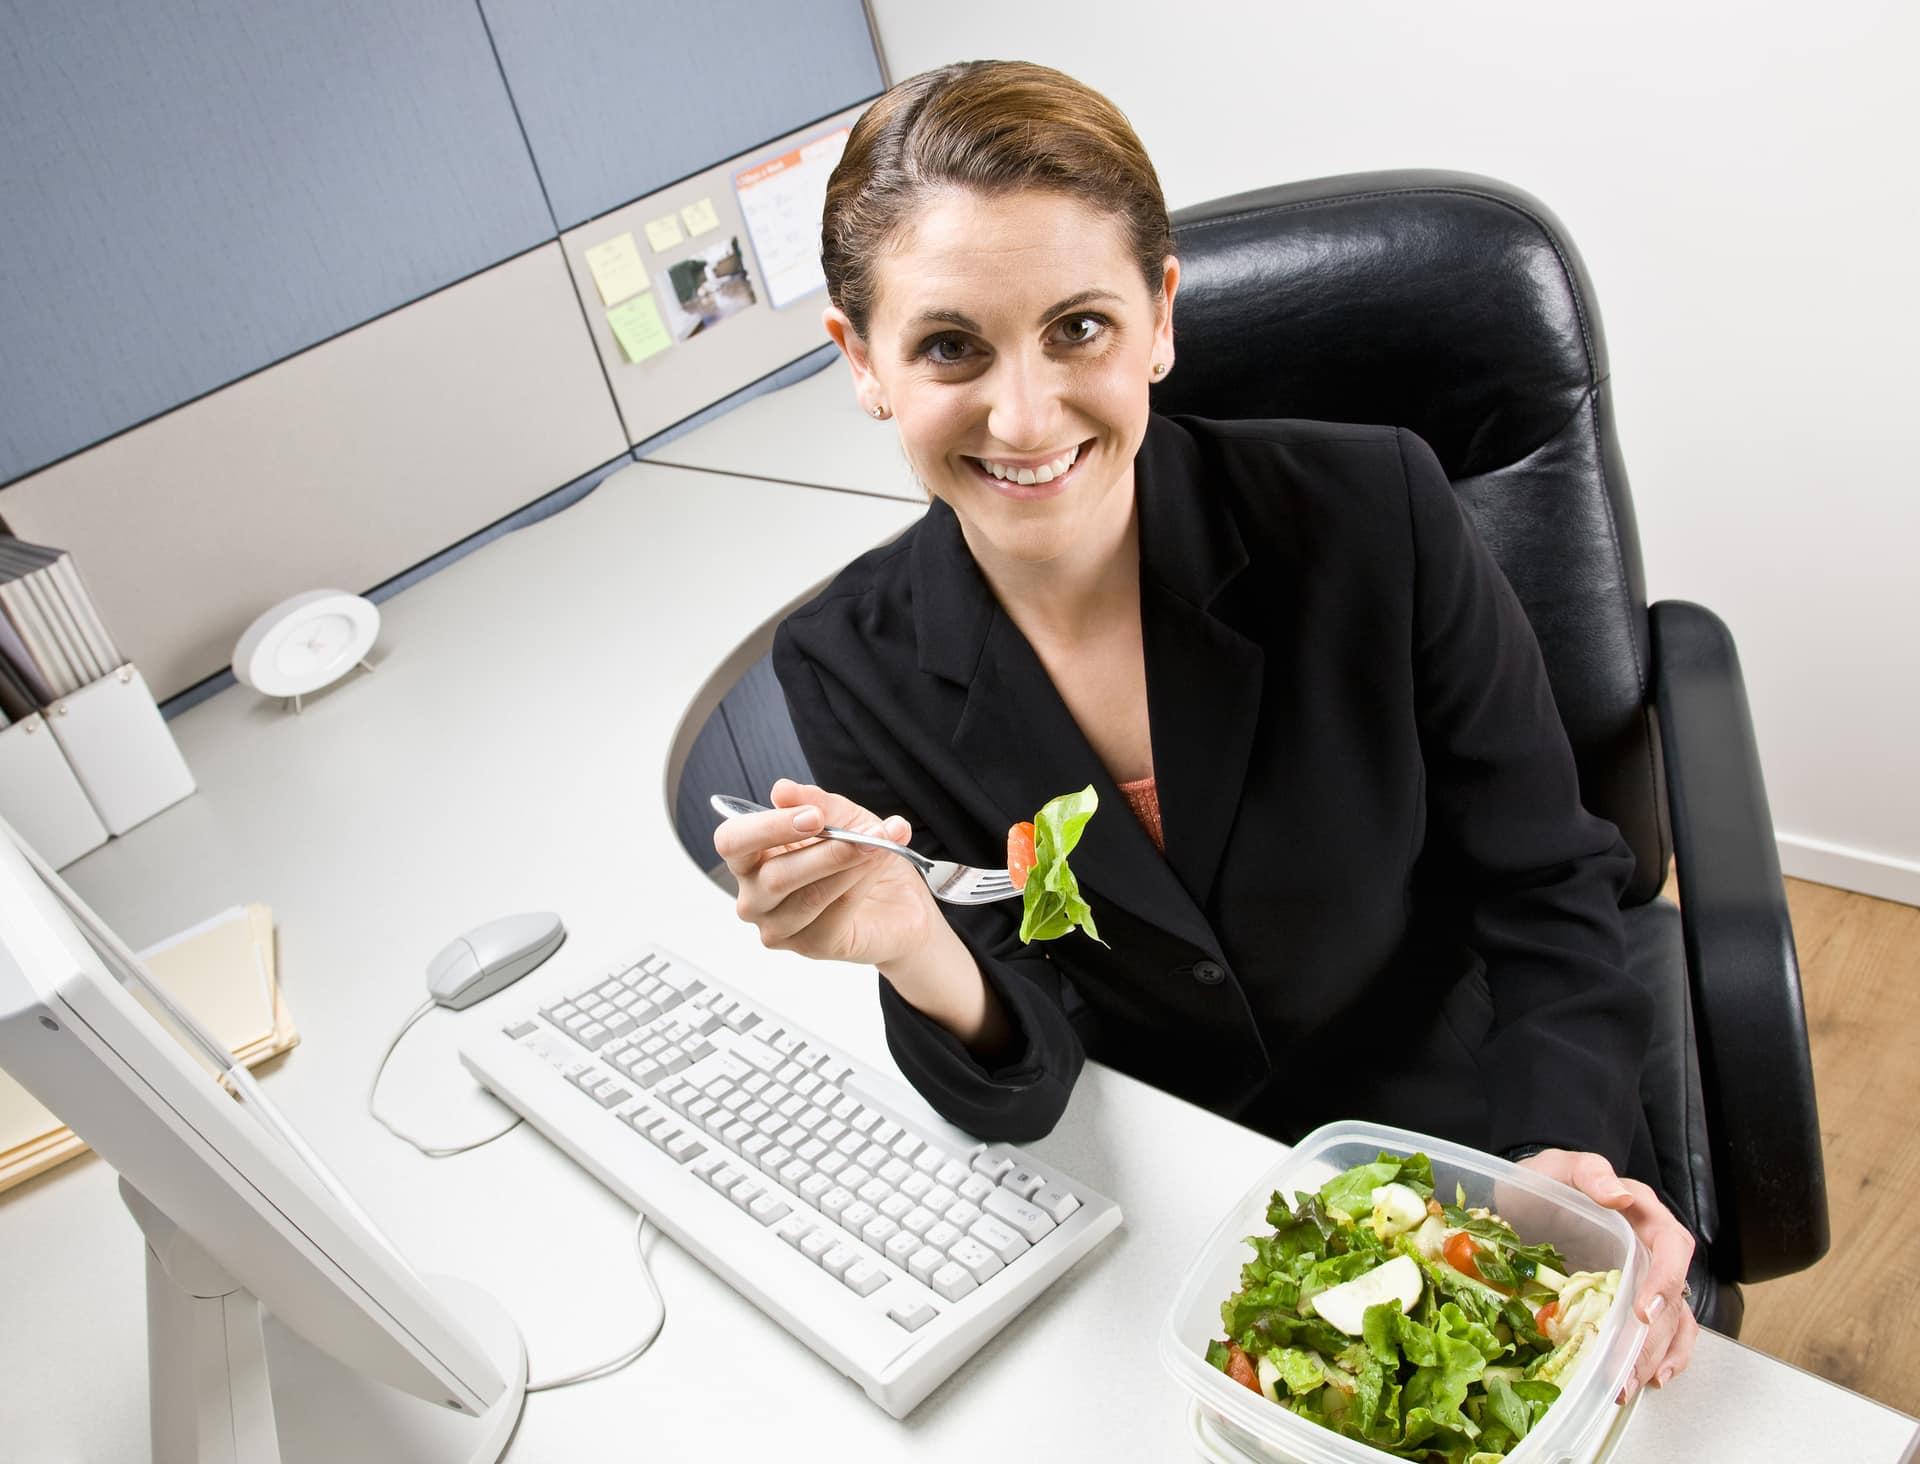 Çalışanlar İçin Pratik Diyet Önerileri